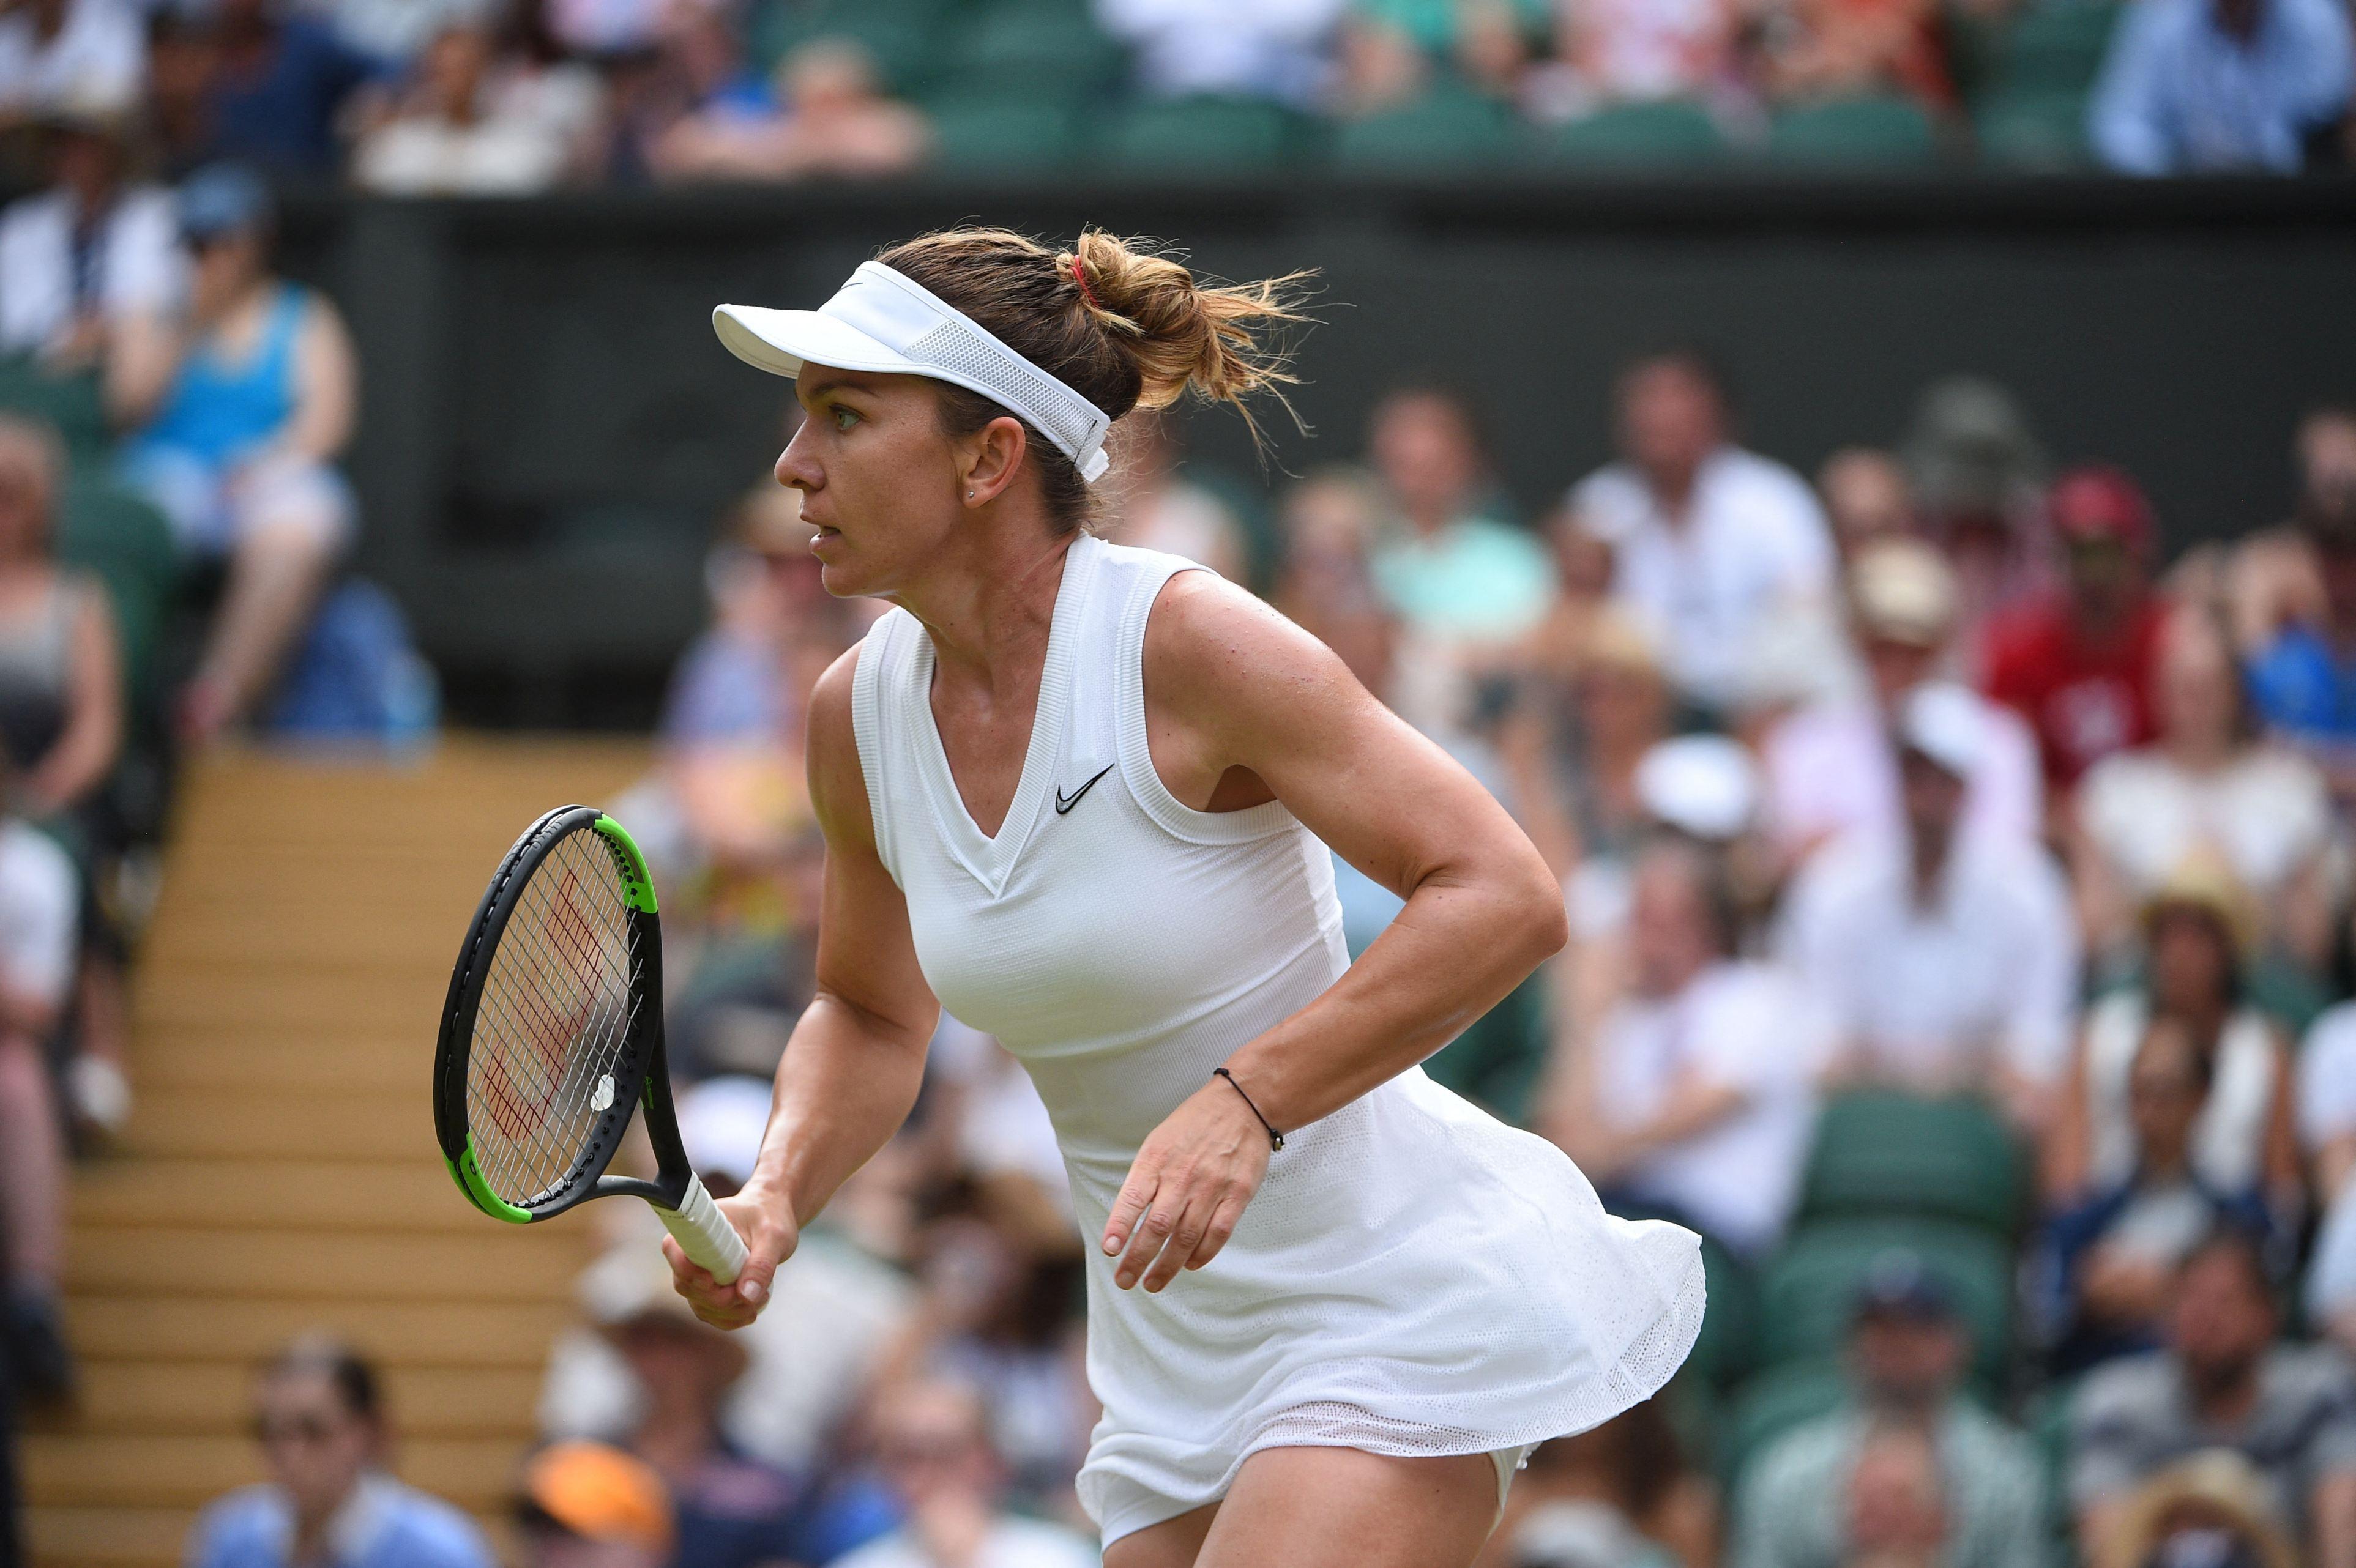 Turneul WTA de la Cincinnati. Simona Halep o va întâlni pe Ekaterina Alexandrova în turul 2